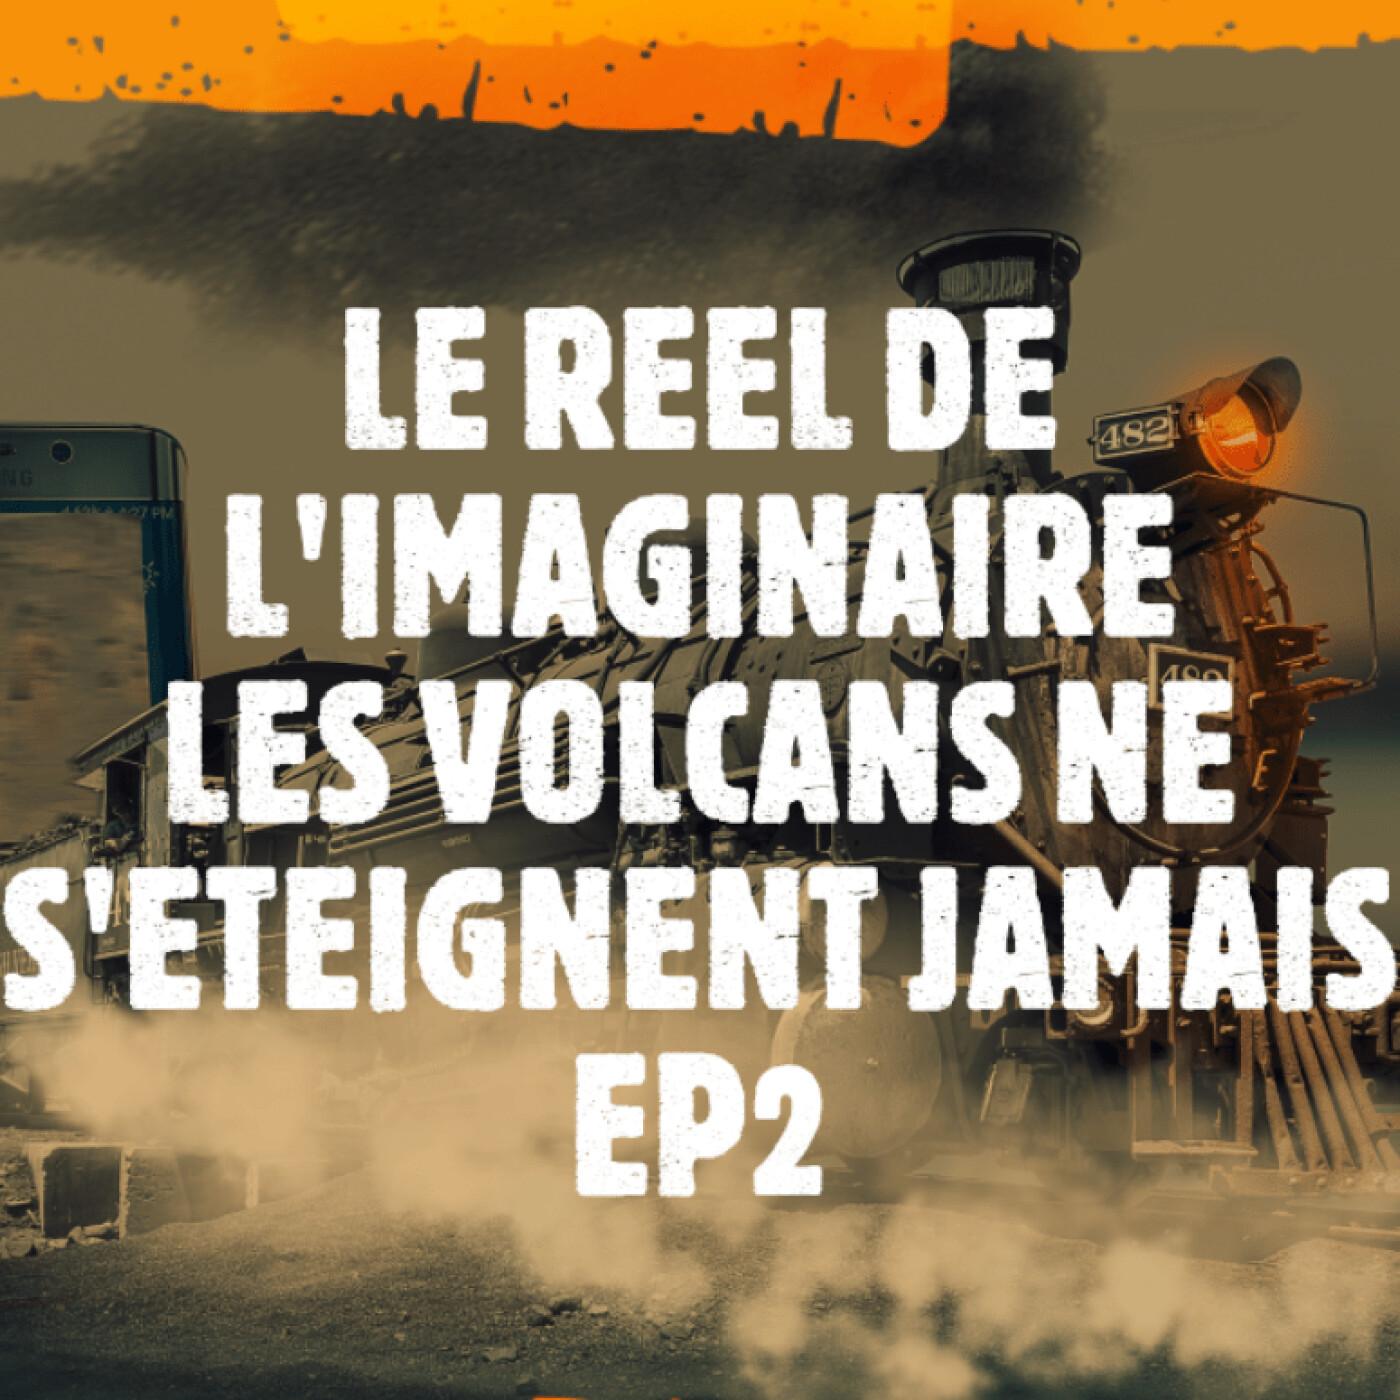 LES VOLCANS NE S'ETEIGNENT JAMAIS EP2